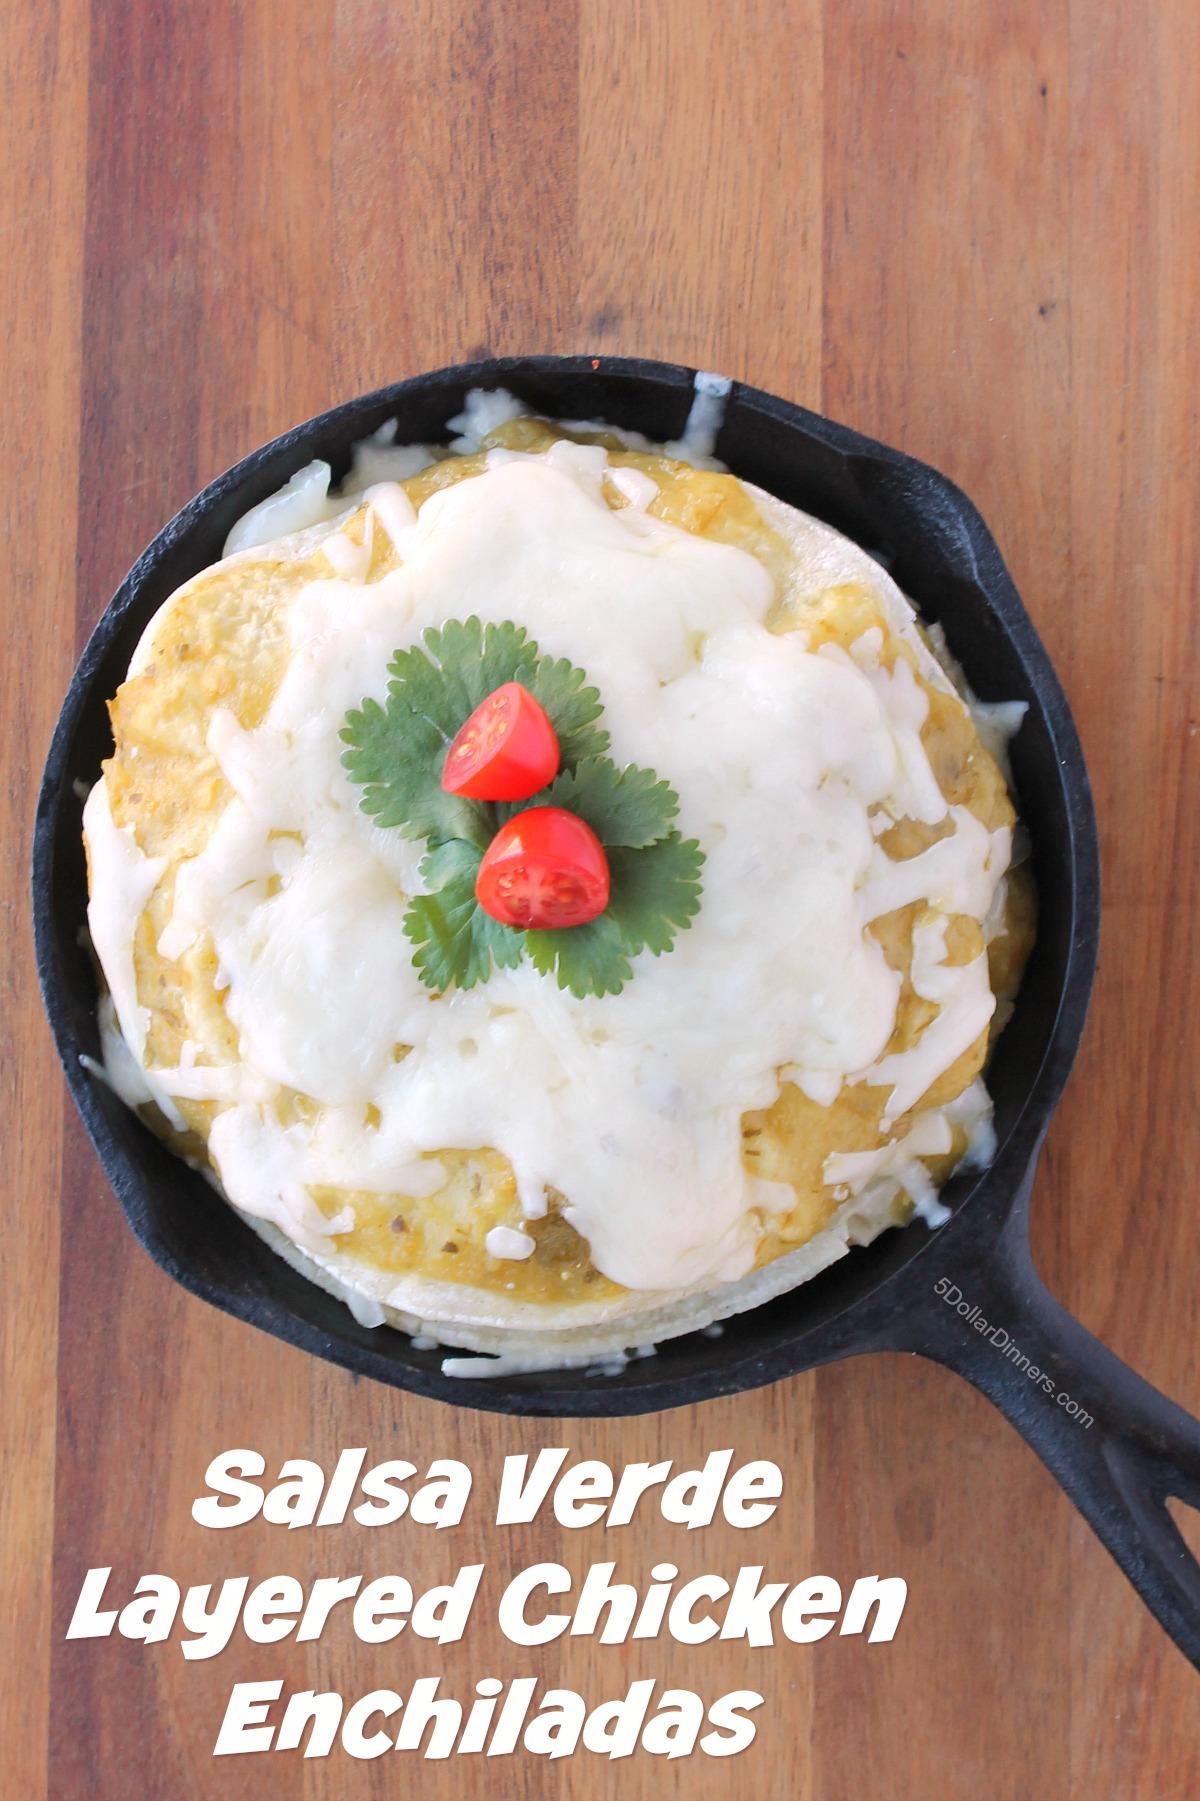 Salsa Verde Layered Chicken Enchiladas from 5DollarDinners.com